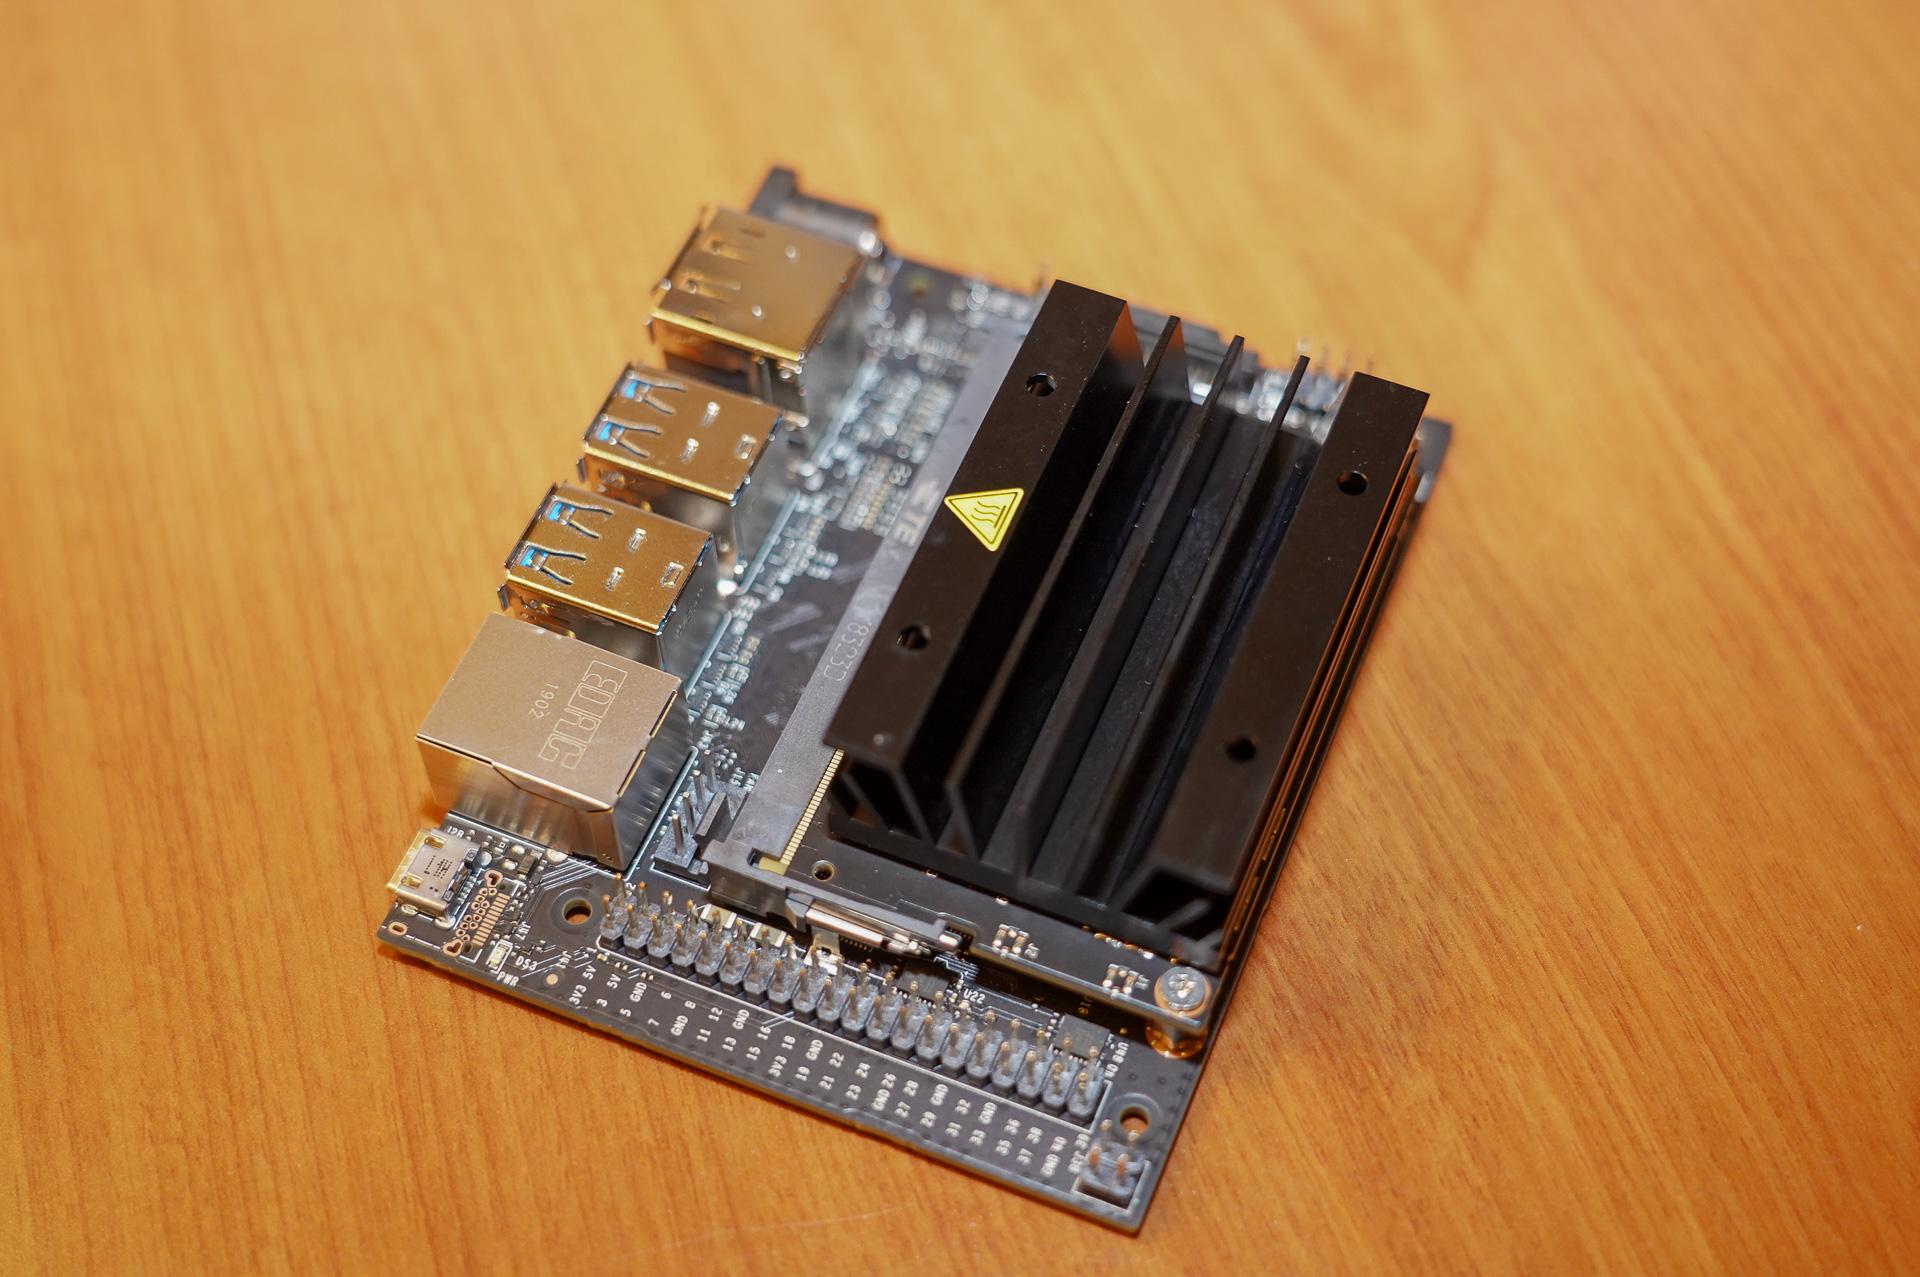 1万円ちょっとでAI画像認識ができるJetson Nanoを買ってみた - PC Watch